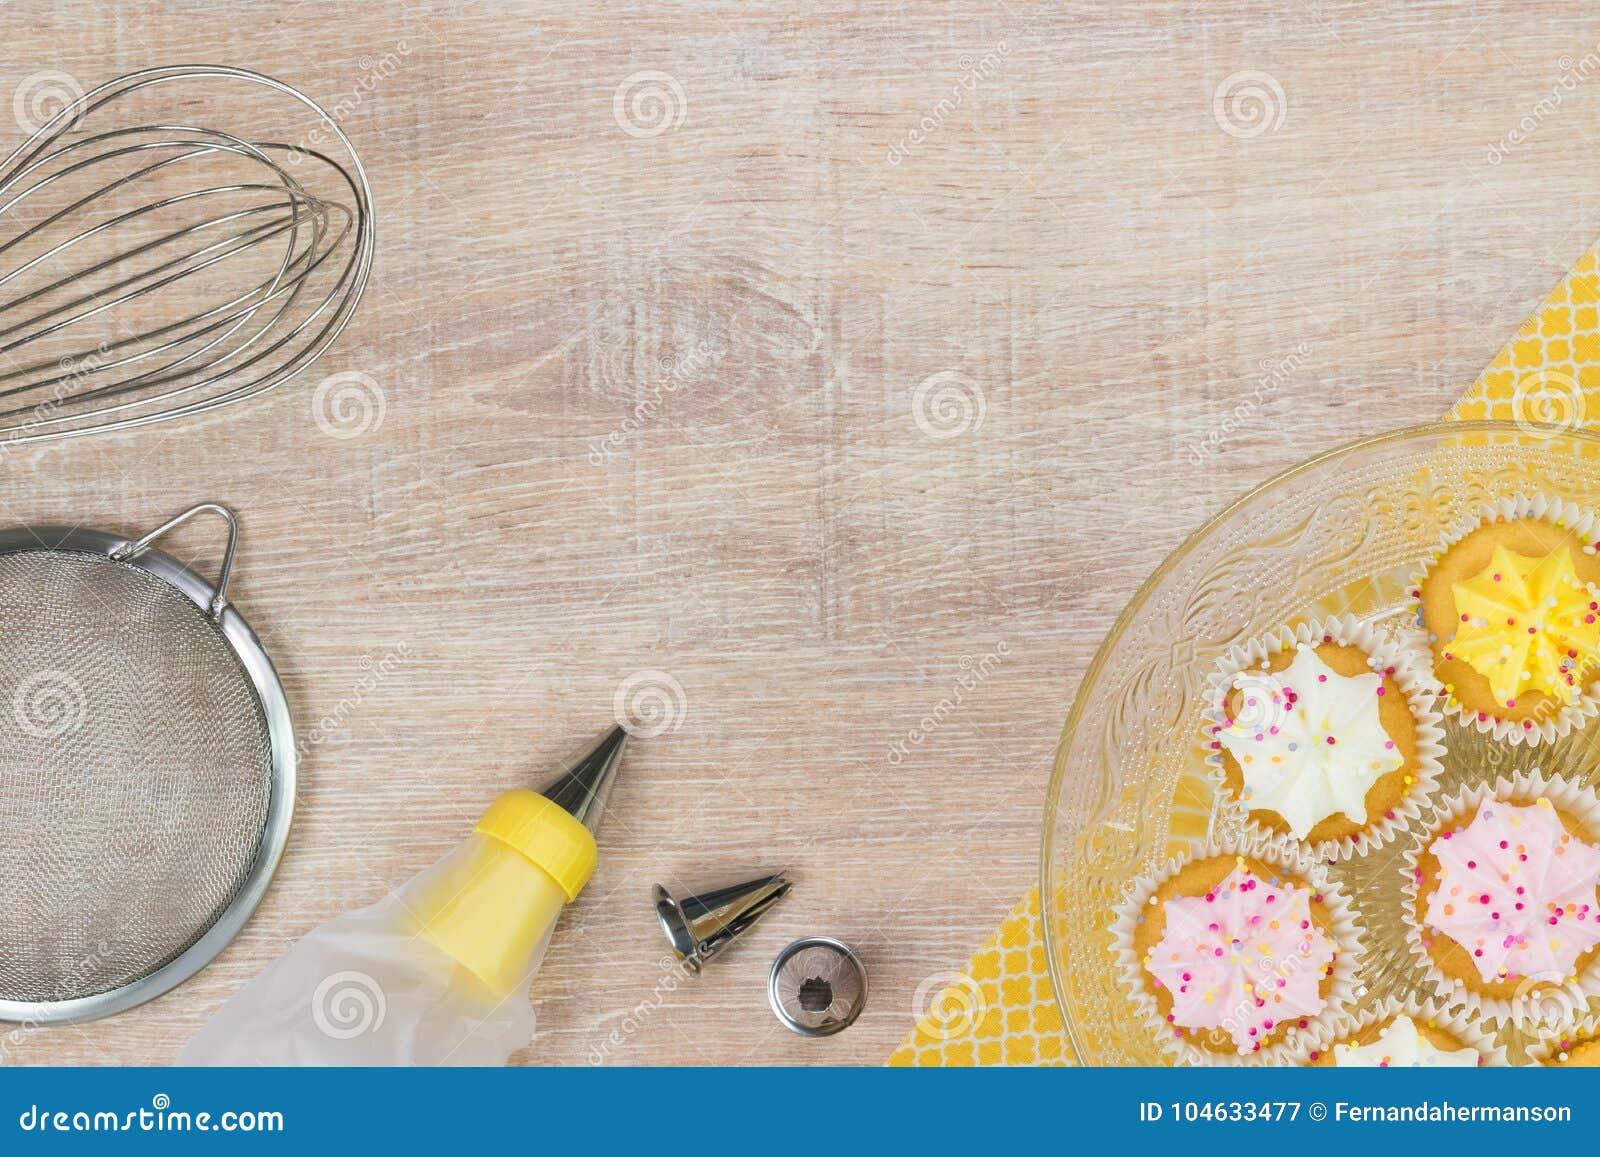 Download Kleurrijke Cupcakes En Bakselhulpmiddelen Op Een Houten Lijstachtergrond Stock Afbeelding - Afbeelding bestaande uit exemplaar, pijp: 104633477